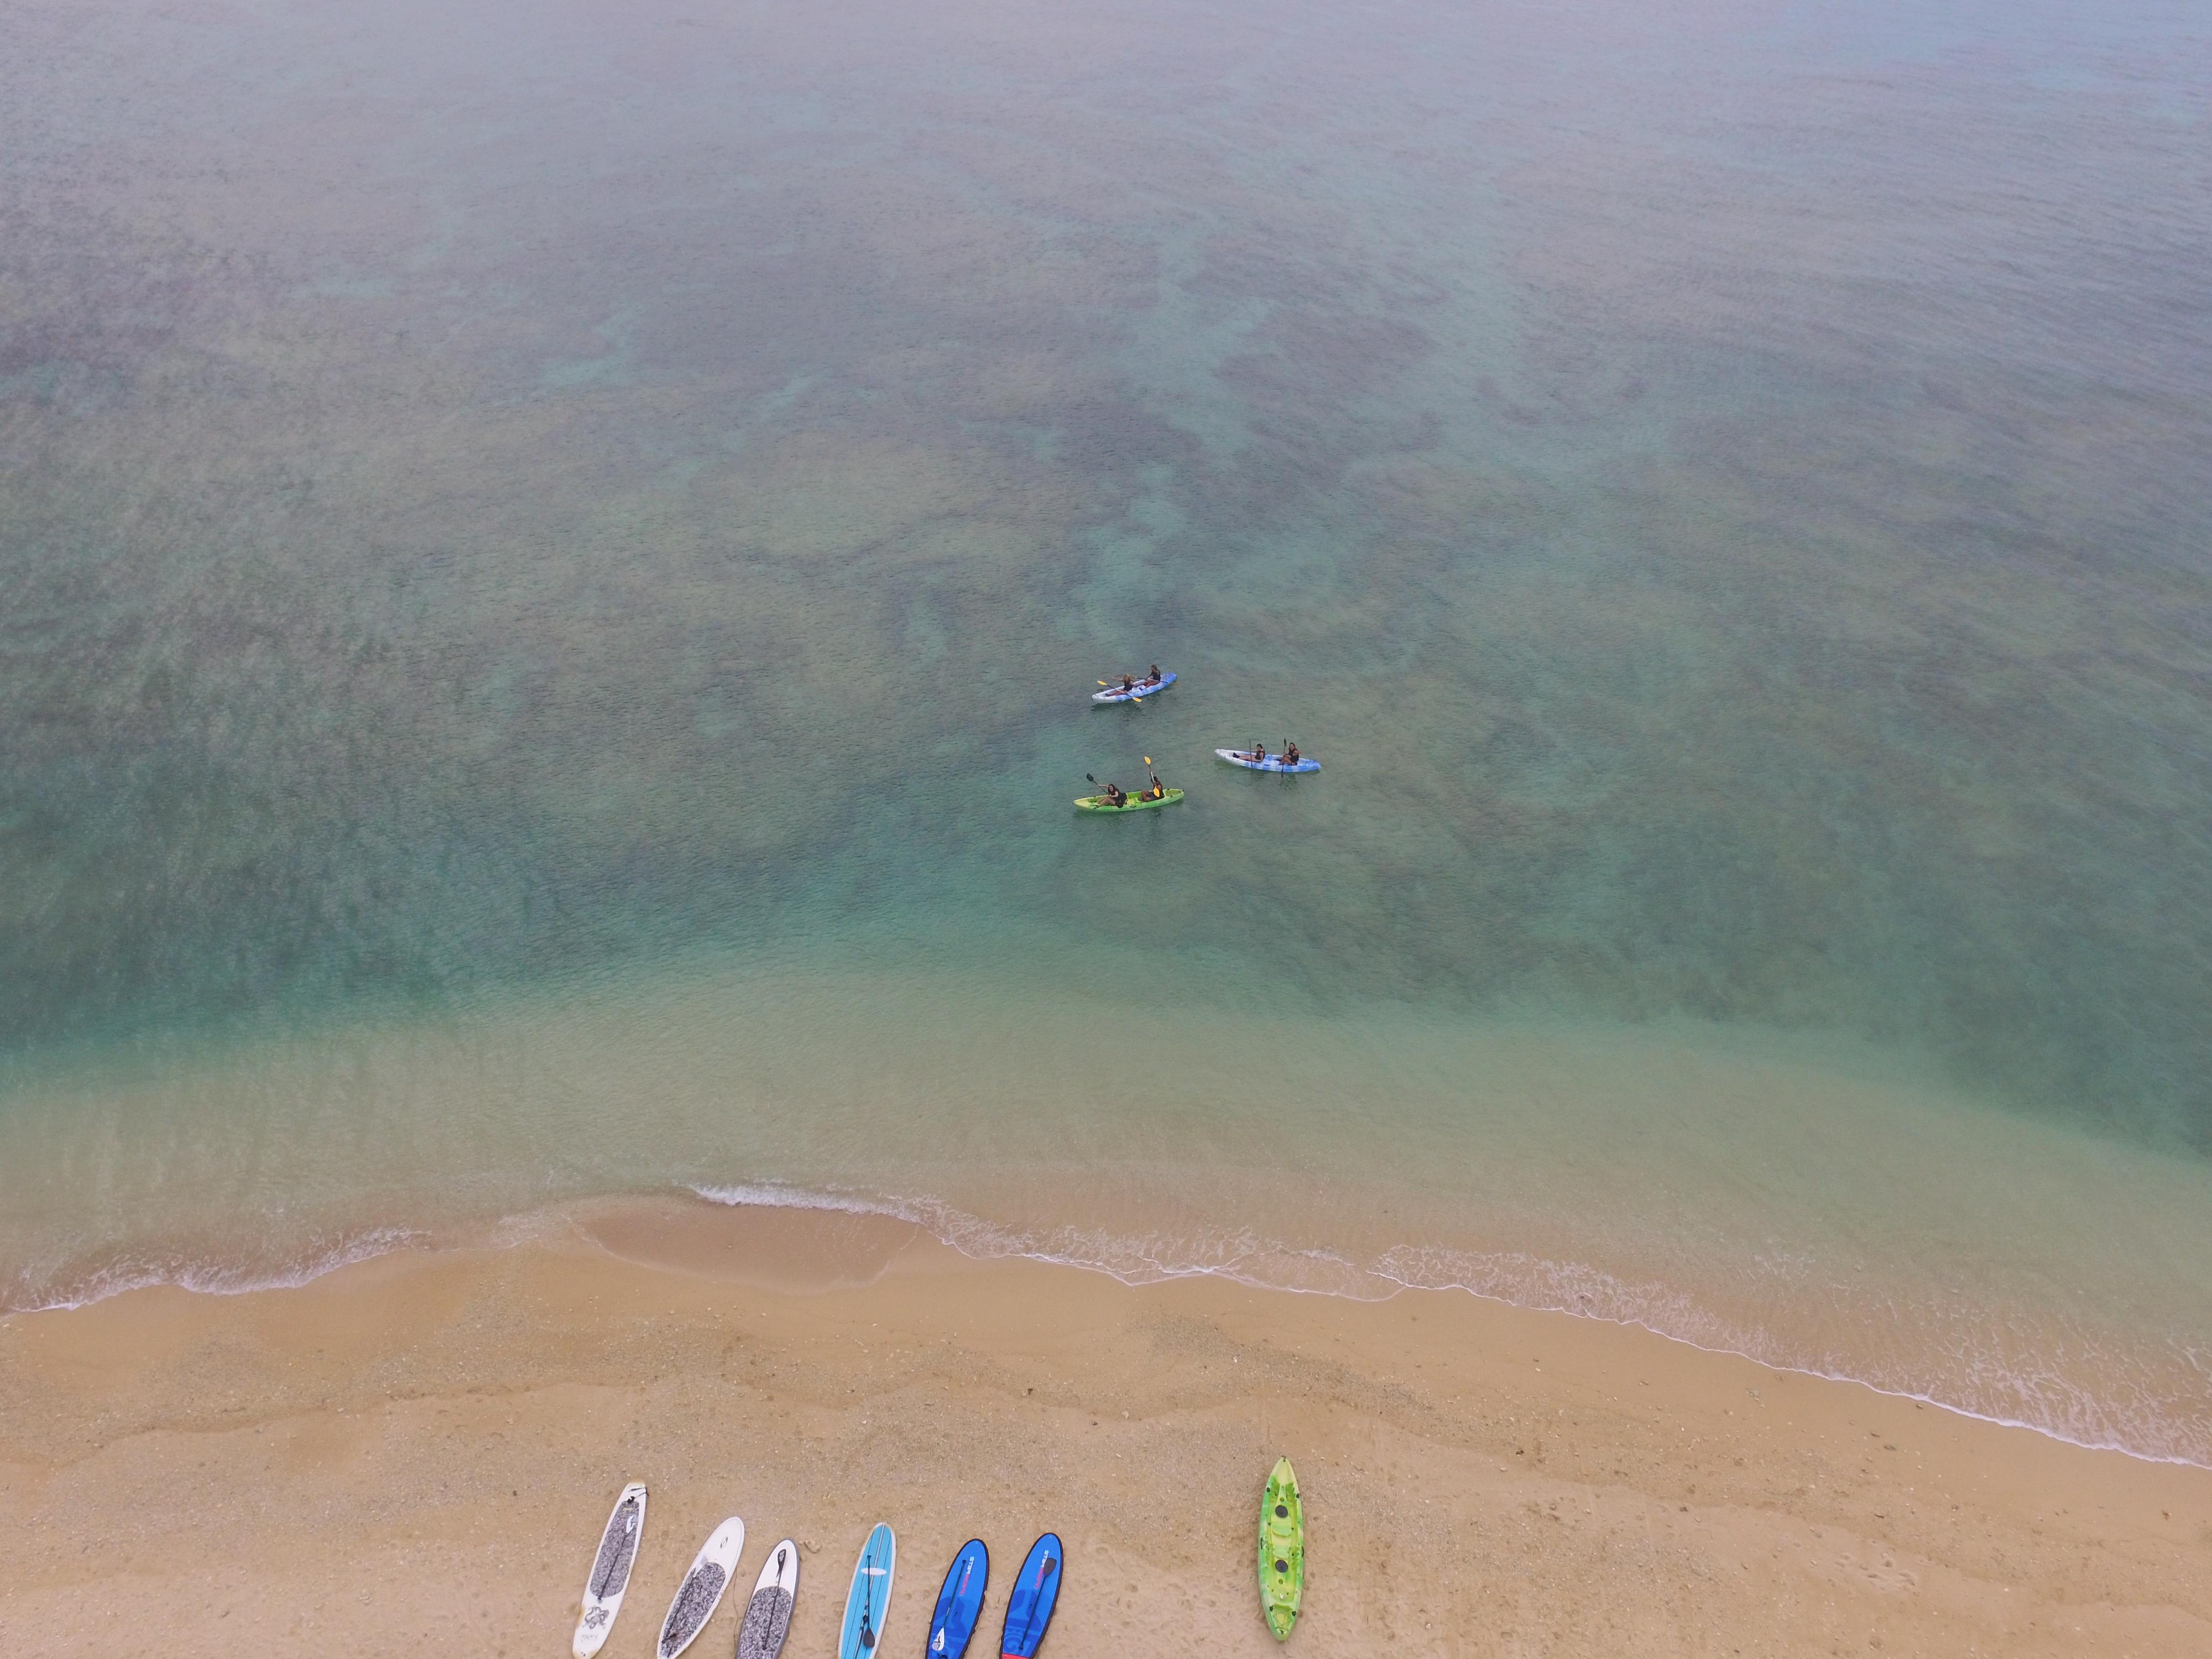 沖縄の読谷村の海でシーカヤック